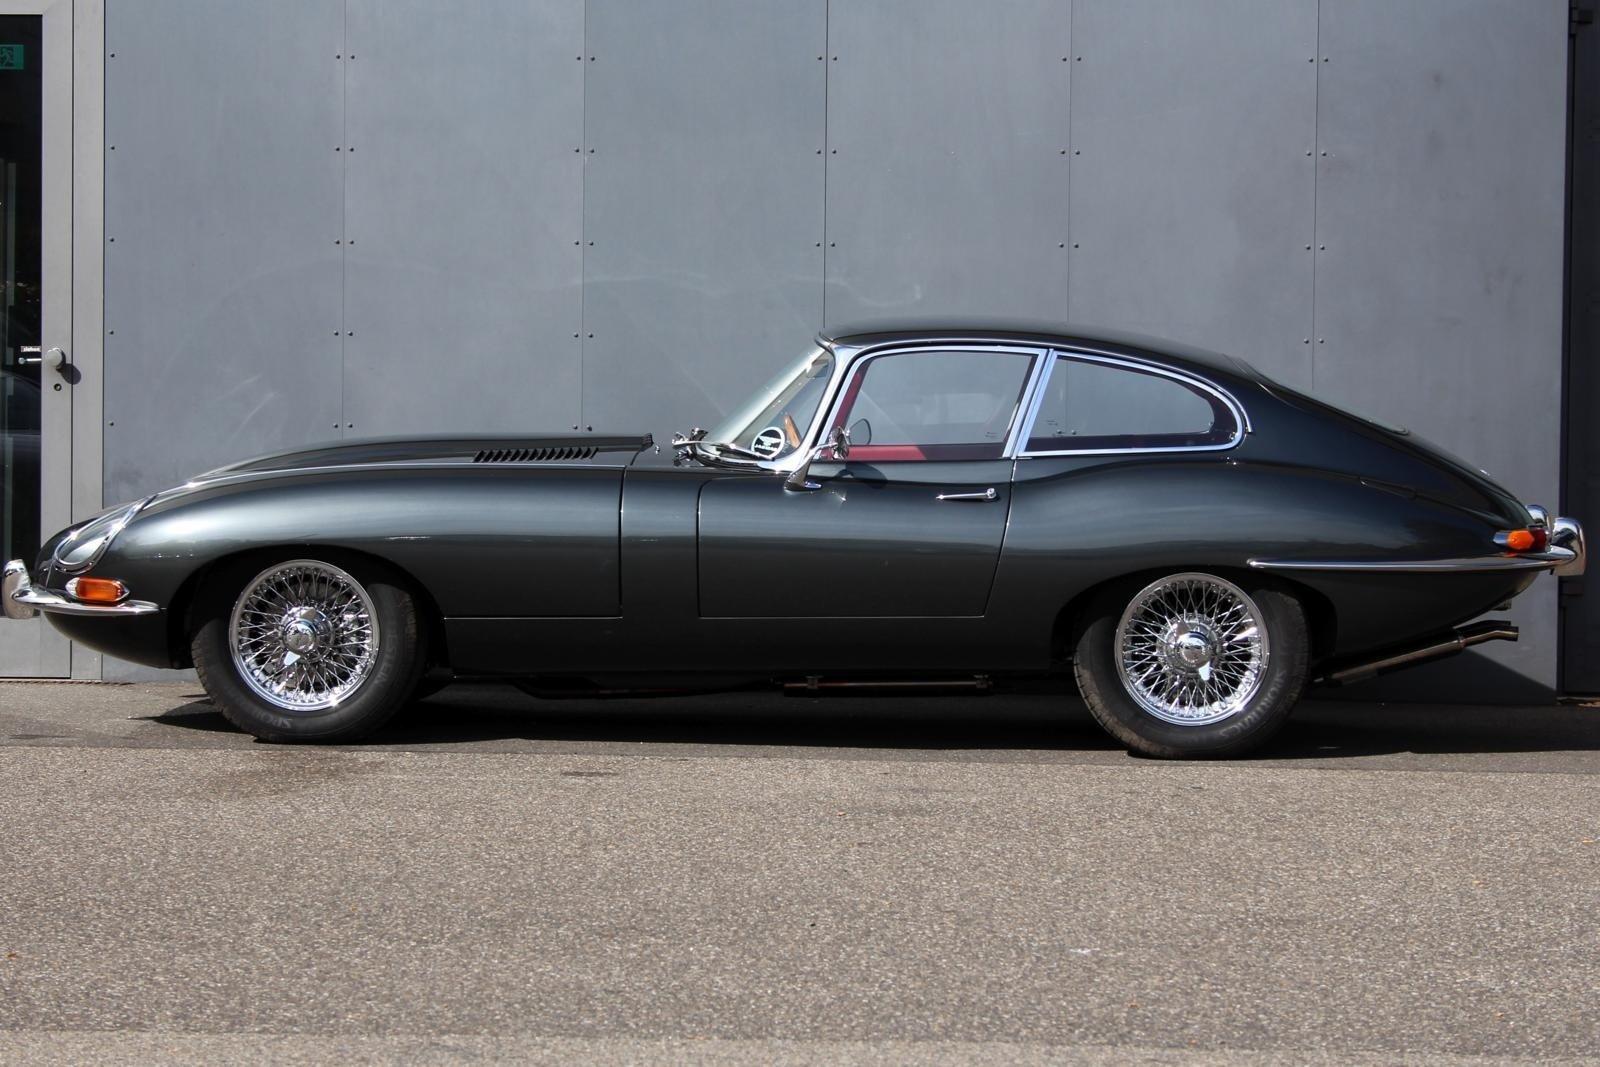 1962 Jaguar E-Type SI 3.8 Litre Coupé For Sale (picture 5 of 6)